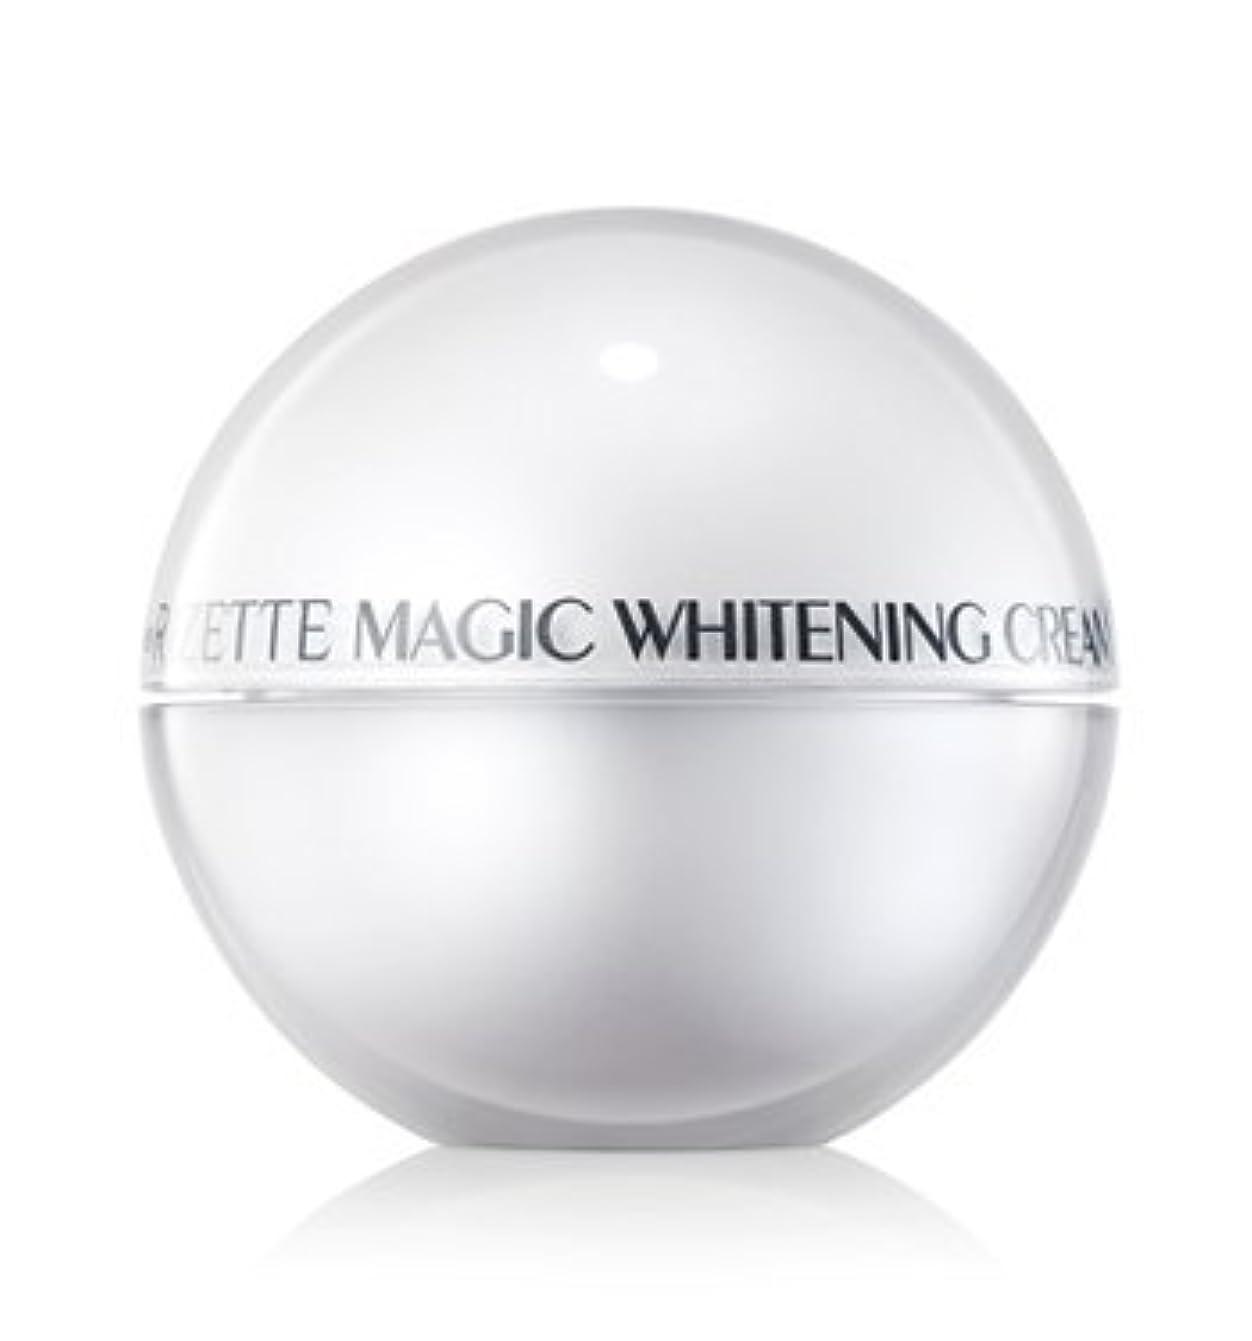 素敵なほうき装置リオエリ(Lioele) Rizette マジック ホワイトニング クリーム プラス/ Lioele Rizette Magic Whitening Cream Plus[並行輸入品]